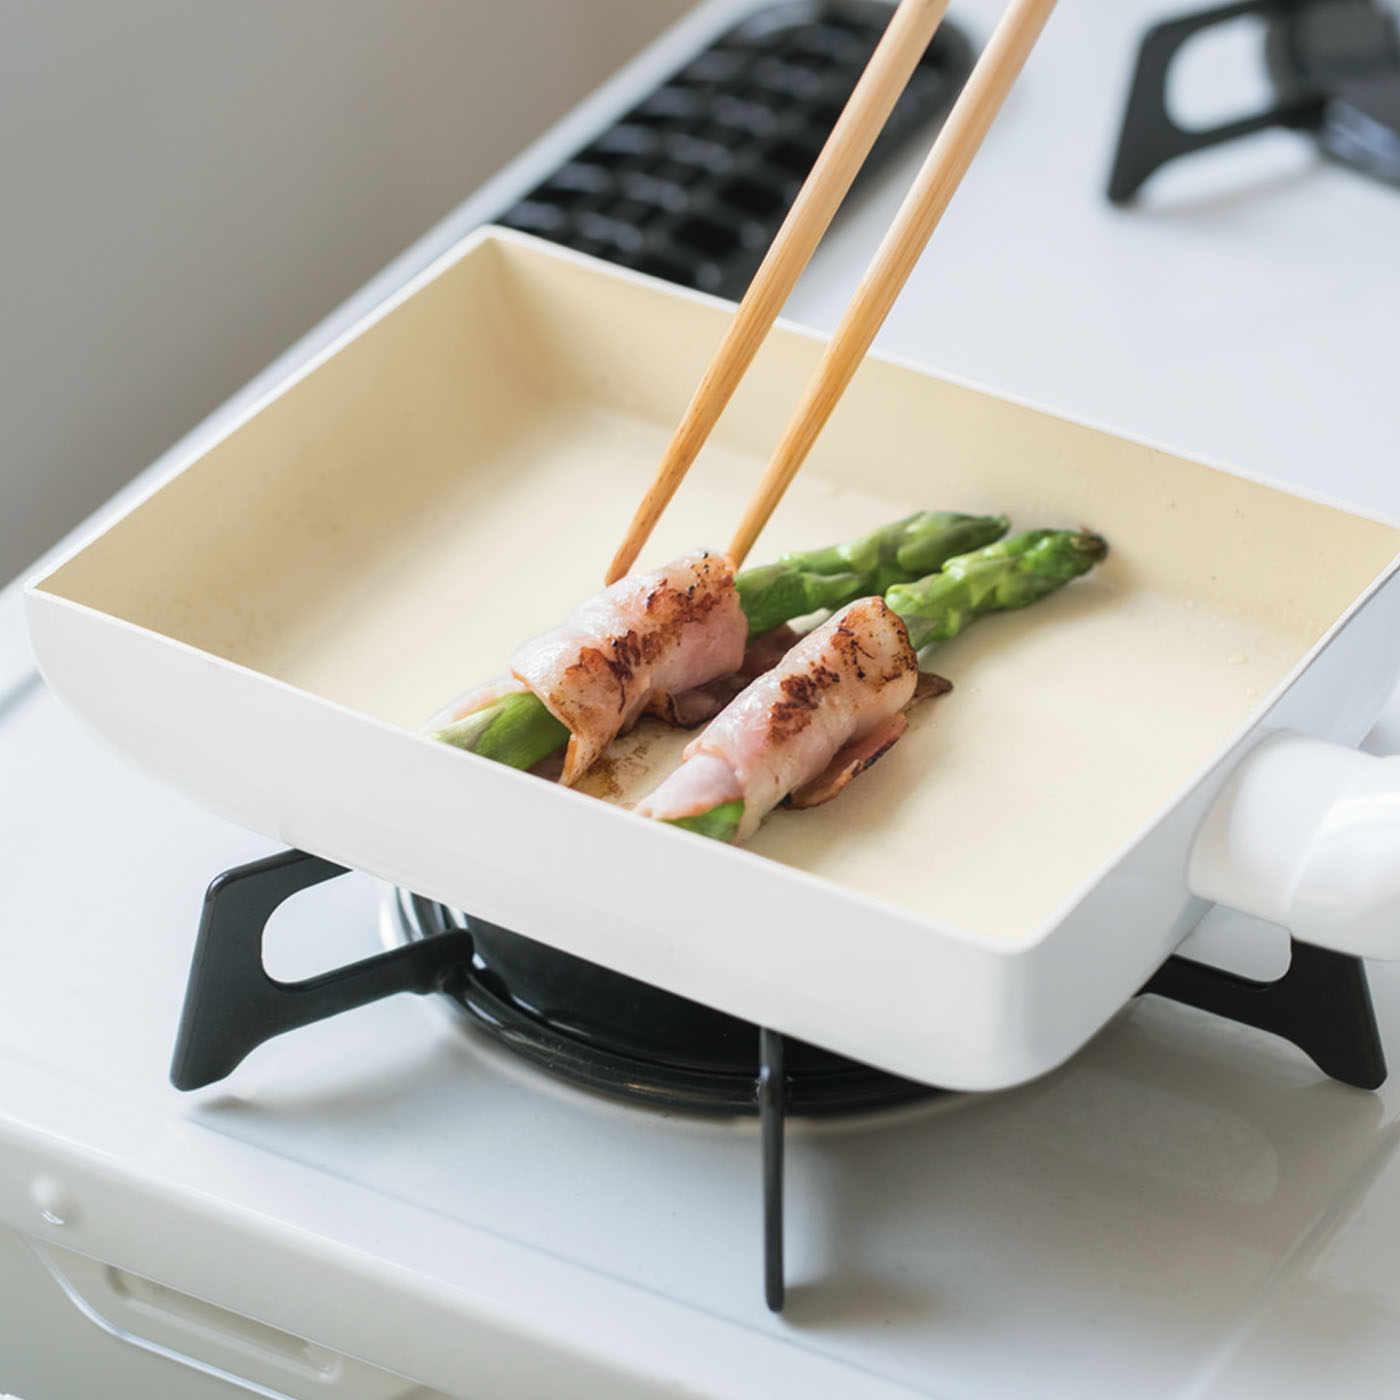 お弁当のおかずなど、ちょっとだけの調理にも便利。